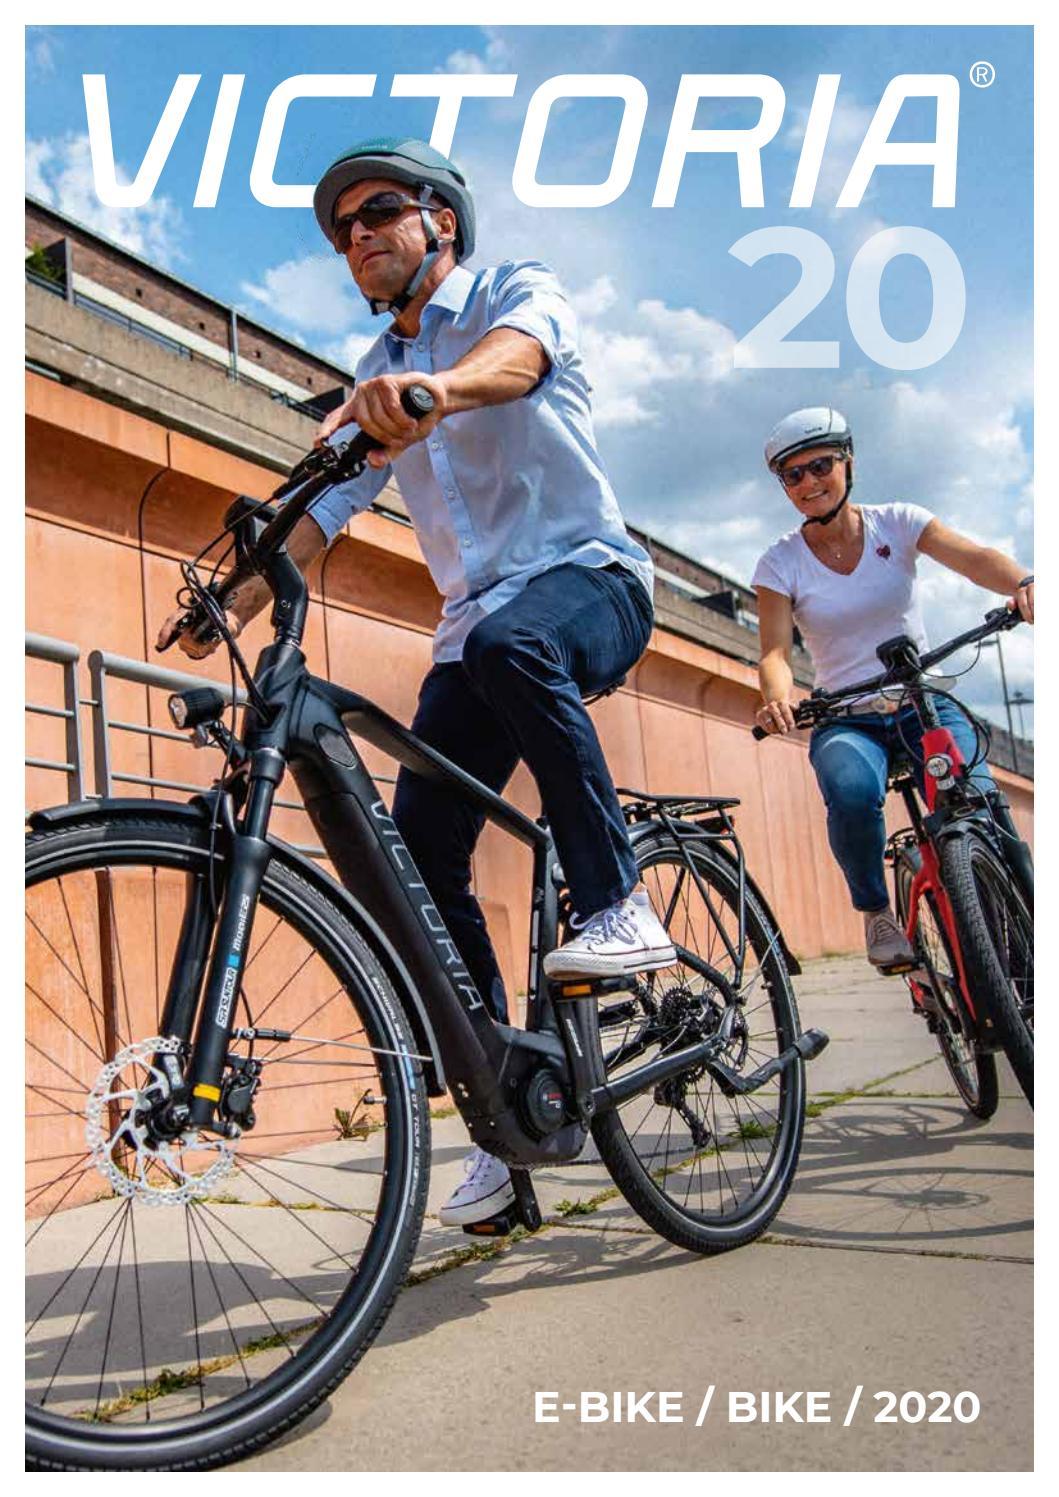 Victoria e bike 2020